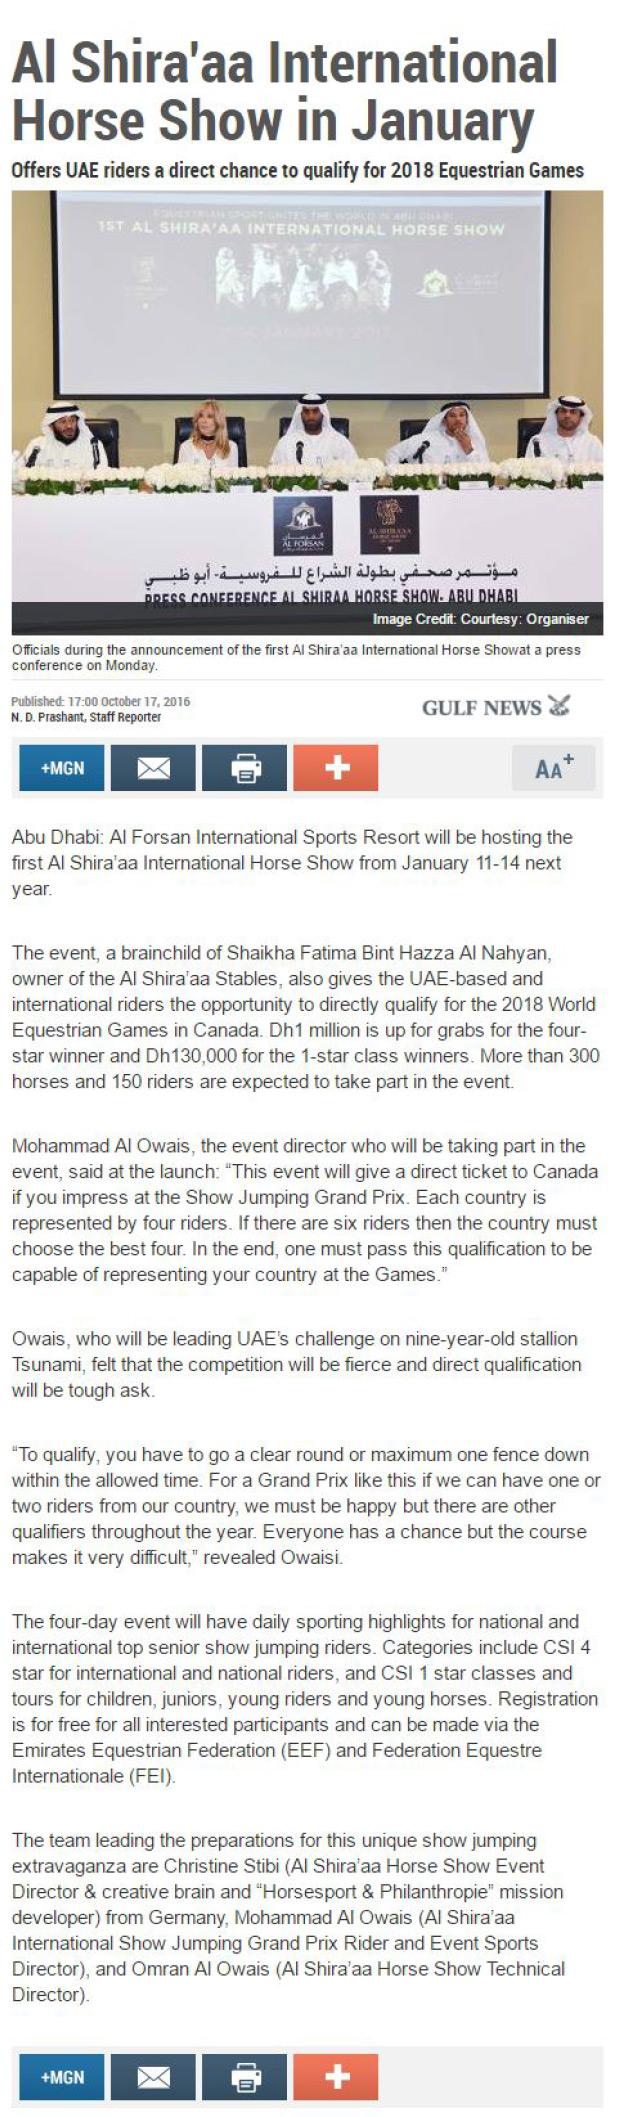 2016-10-Al-Forsan-Al-Shira-aa-Int-Horse-show-Abu-Dhabi-s22